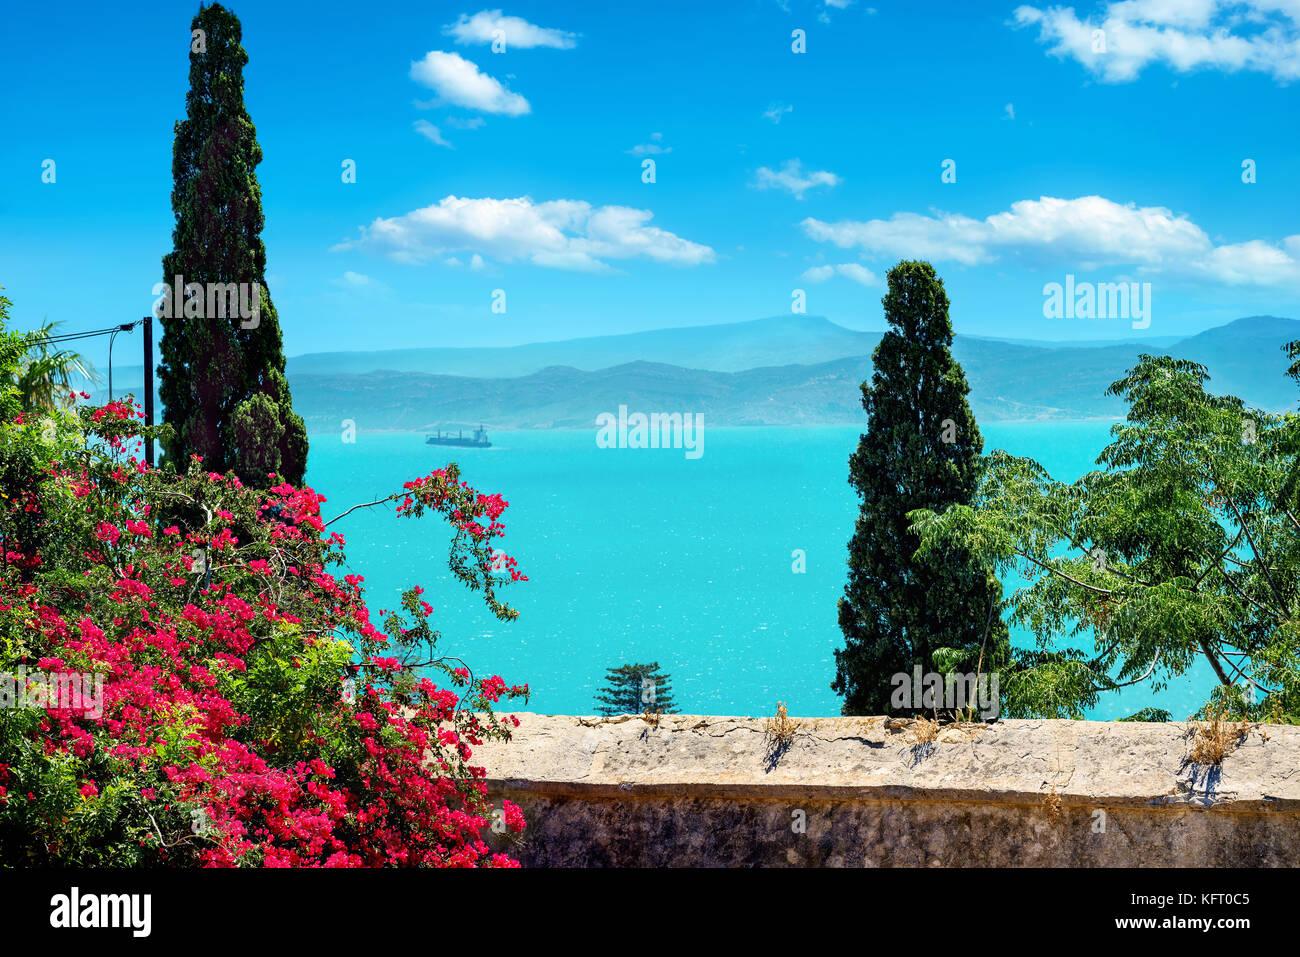 Bellissima la vista dal giardino di Carthage di Tunisi bay di Tunisi, Tunisia, Nord Africa Immagini Stock